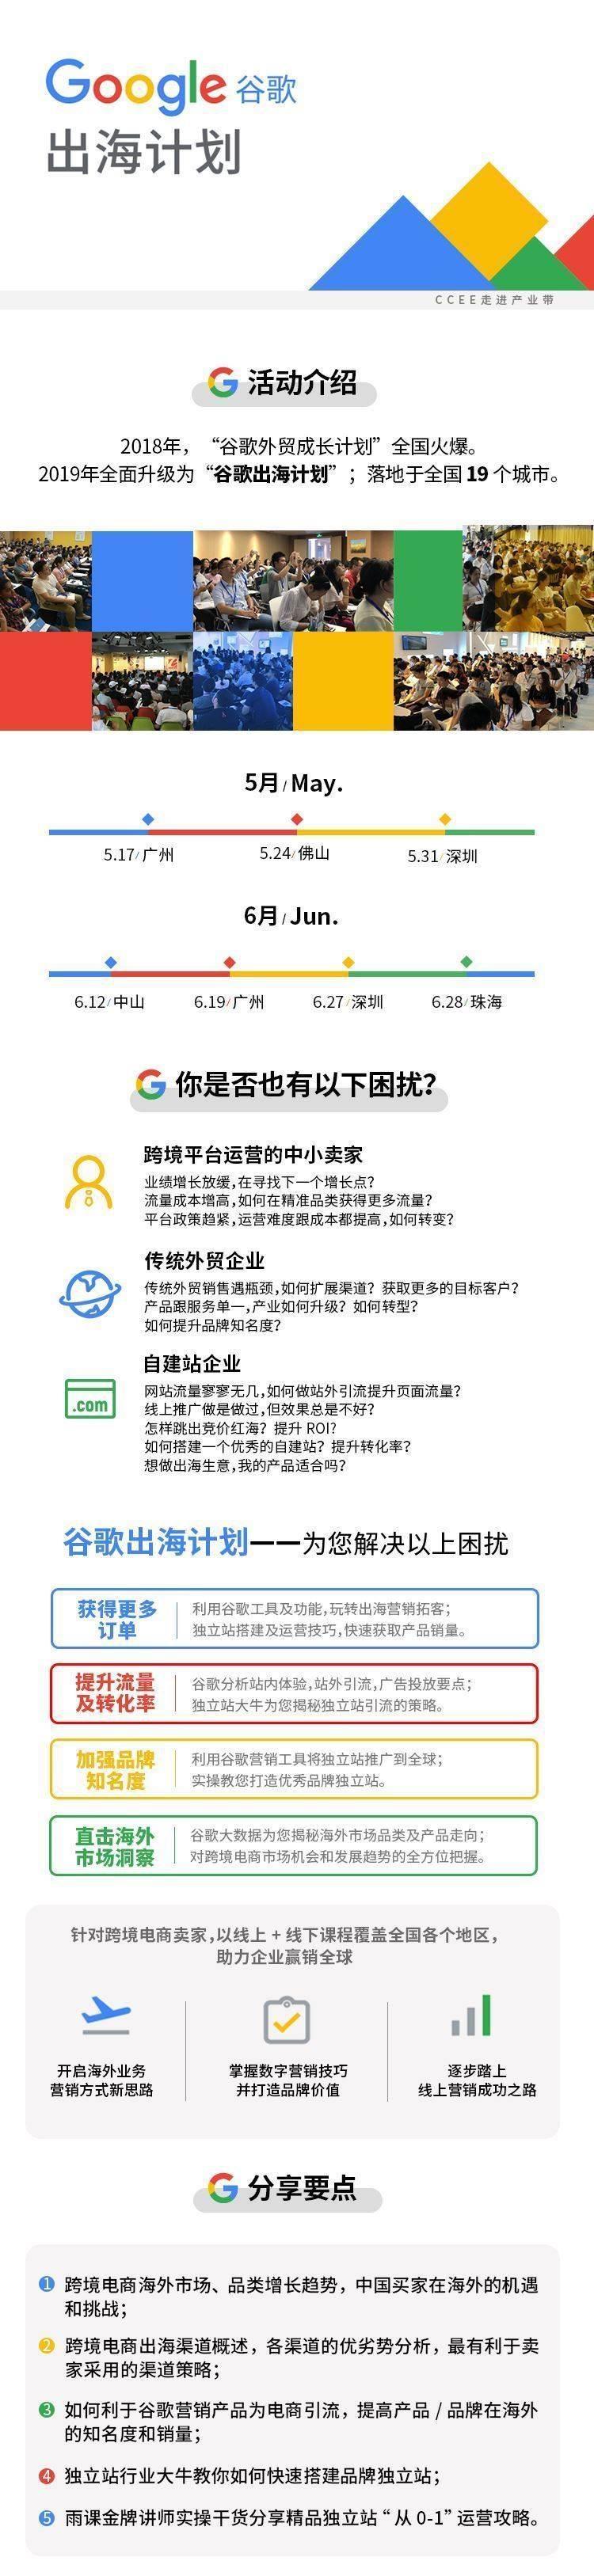 谷歌长图-深圳.jpg